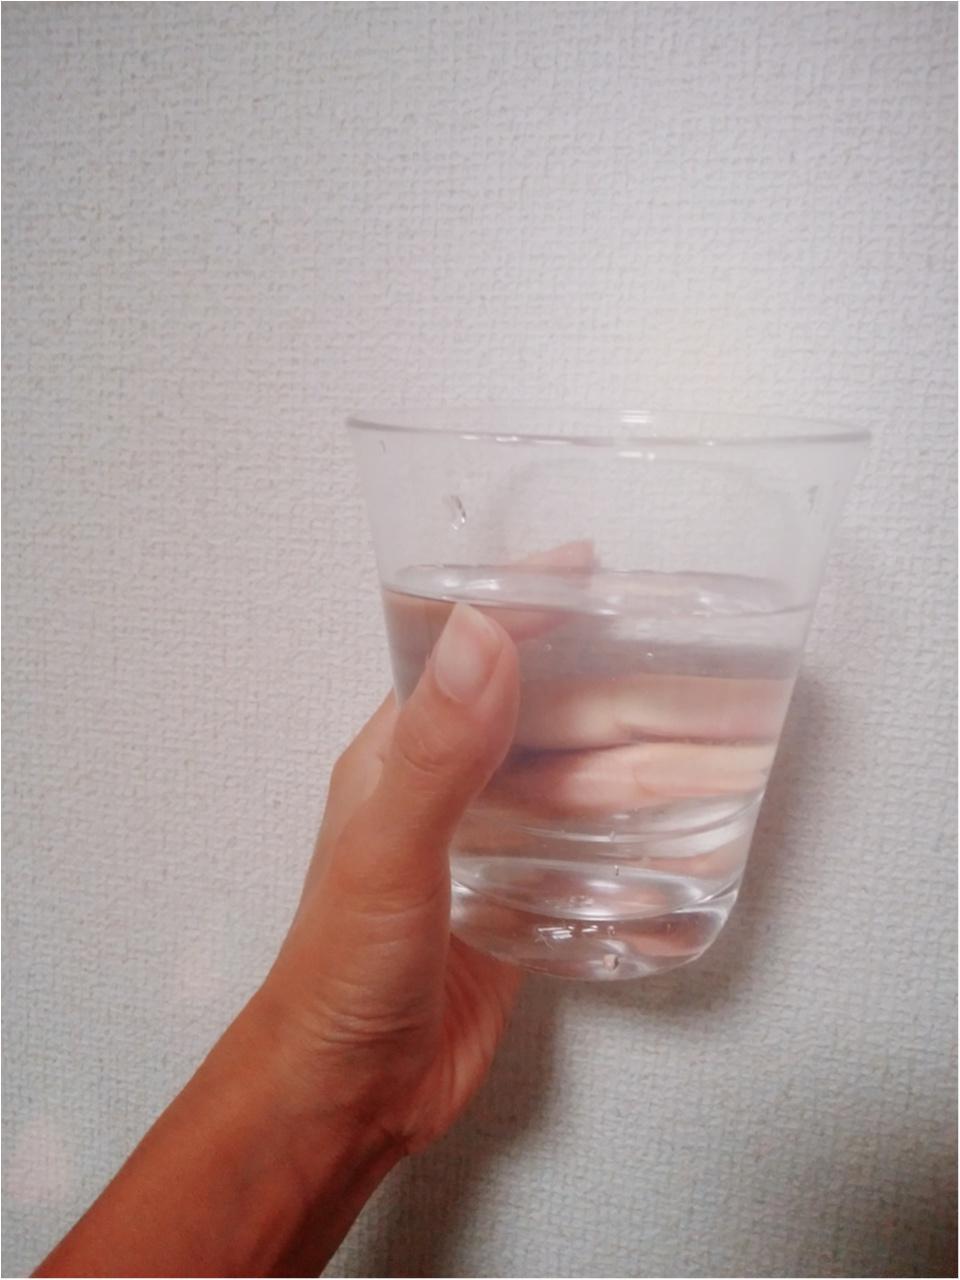 【早く知りたかった】たった1杯の水で、美肌に!0円で簡単にできる口内デトックスがすごい!_2